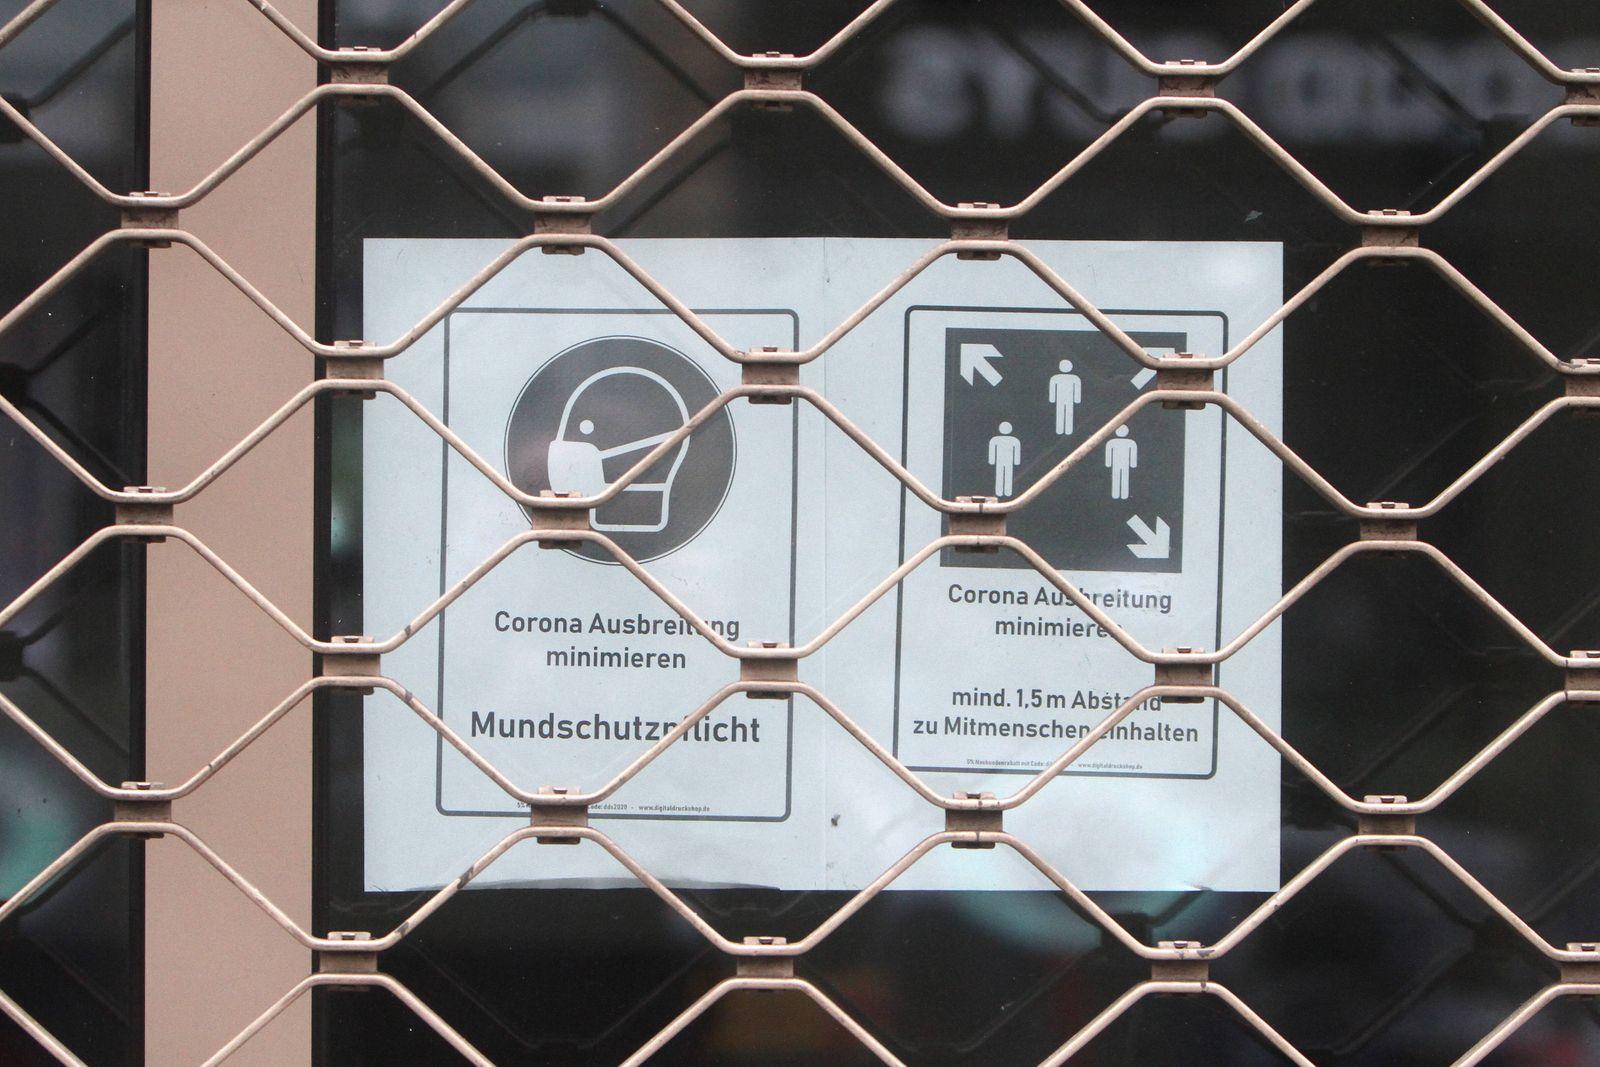 Schild mit Piktogramm Mundschutzpflicht und Mindestabstand klebt im Schaufenster eines mit Rolltor geschlossenen Geschä